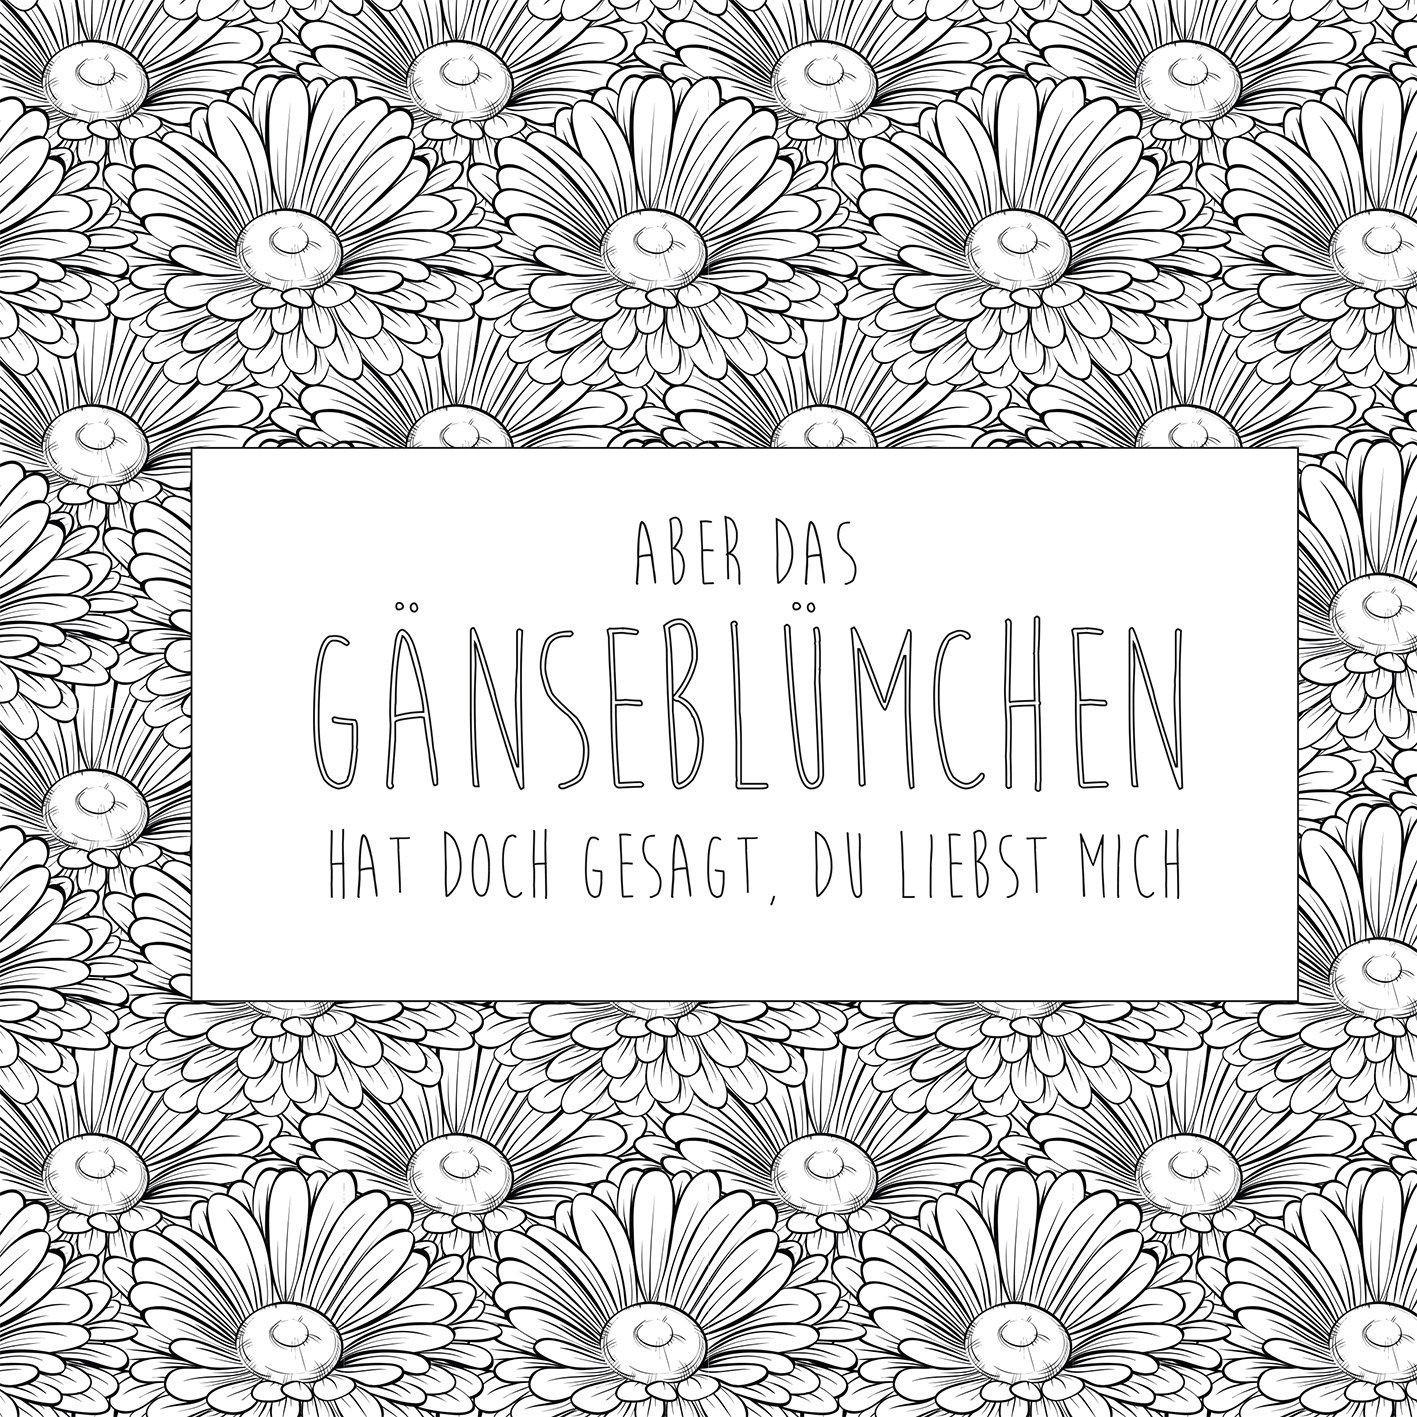 Fc Bayern Logo Zum Ausmalen Genial Frisch Malvorlage Wappen Lilie Art Von Malvorlagen Neu Ausmalbilder Sammlung